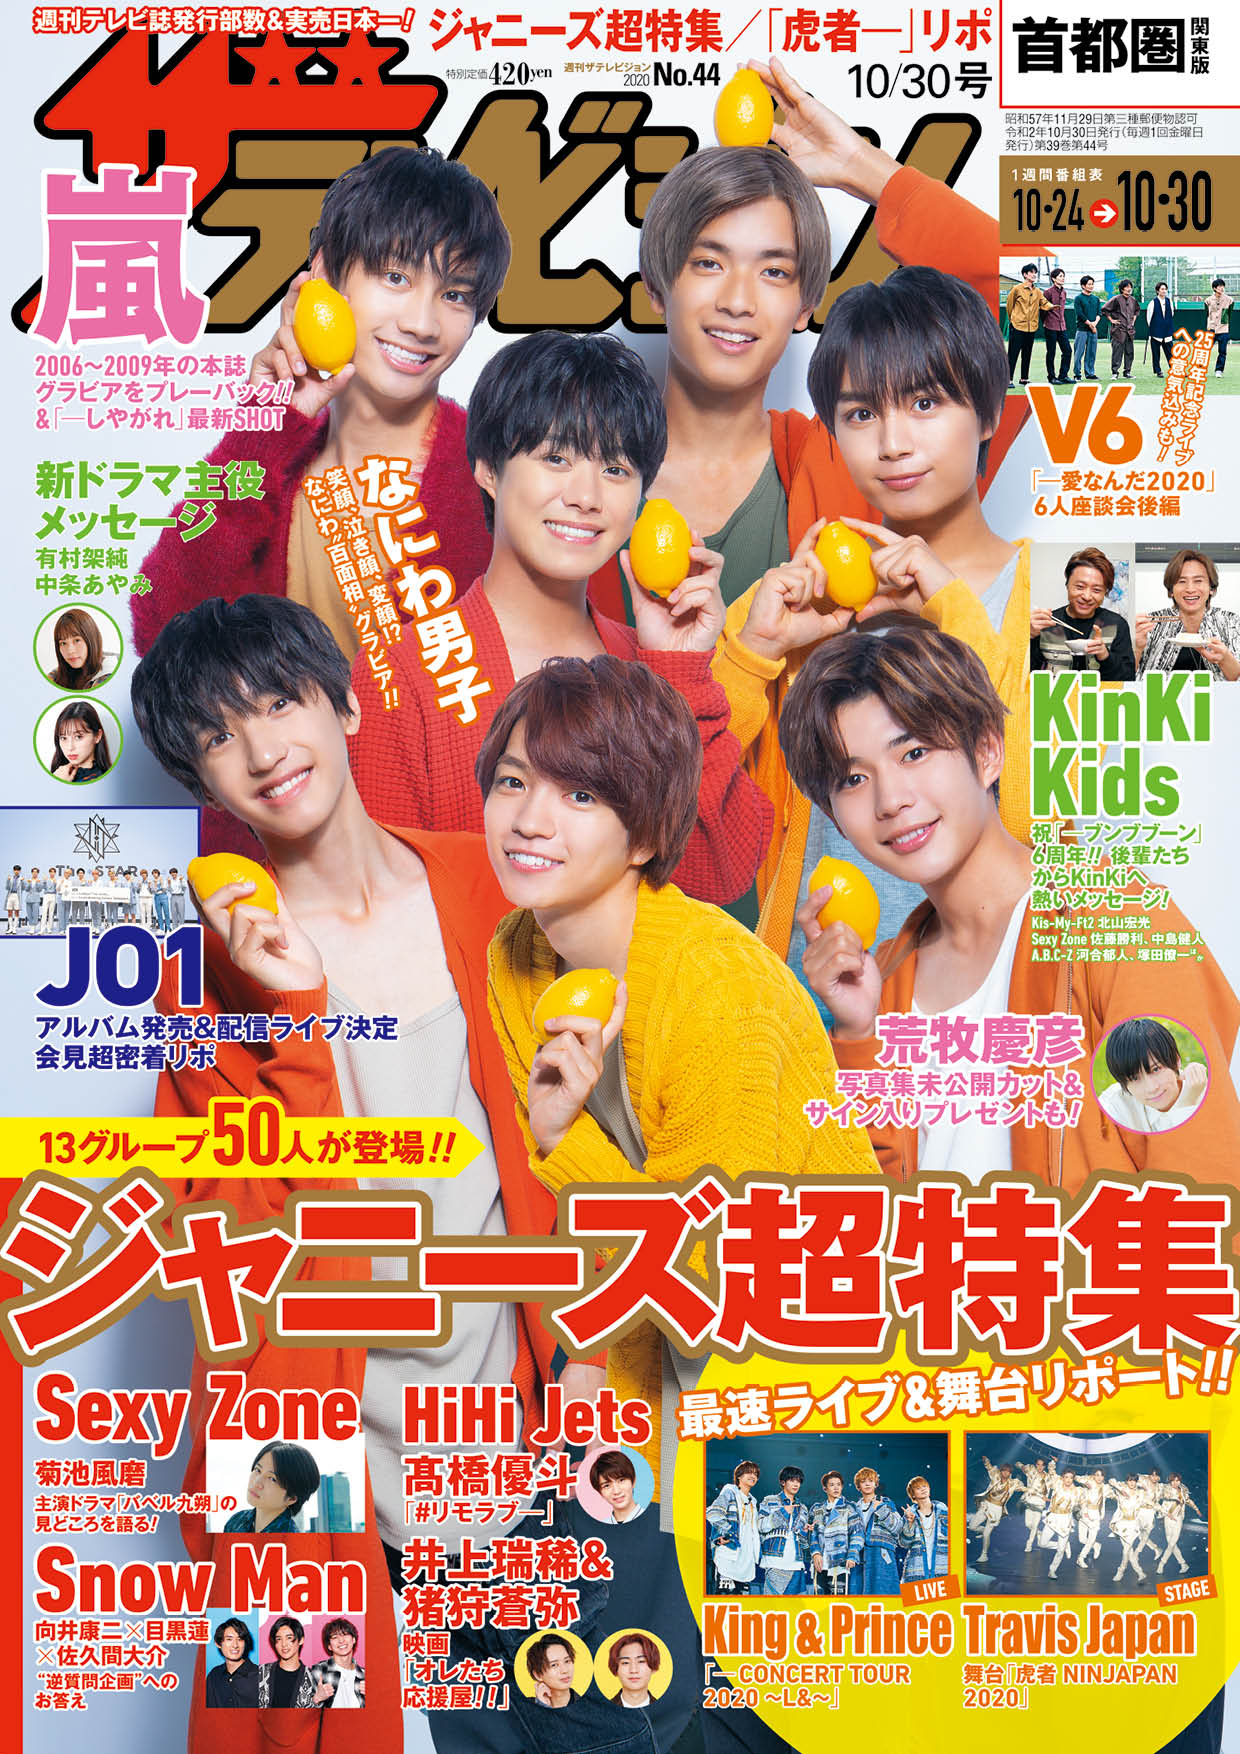 ザテレビジョン 首都圏関東版 2020年10/30号 420円